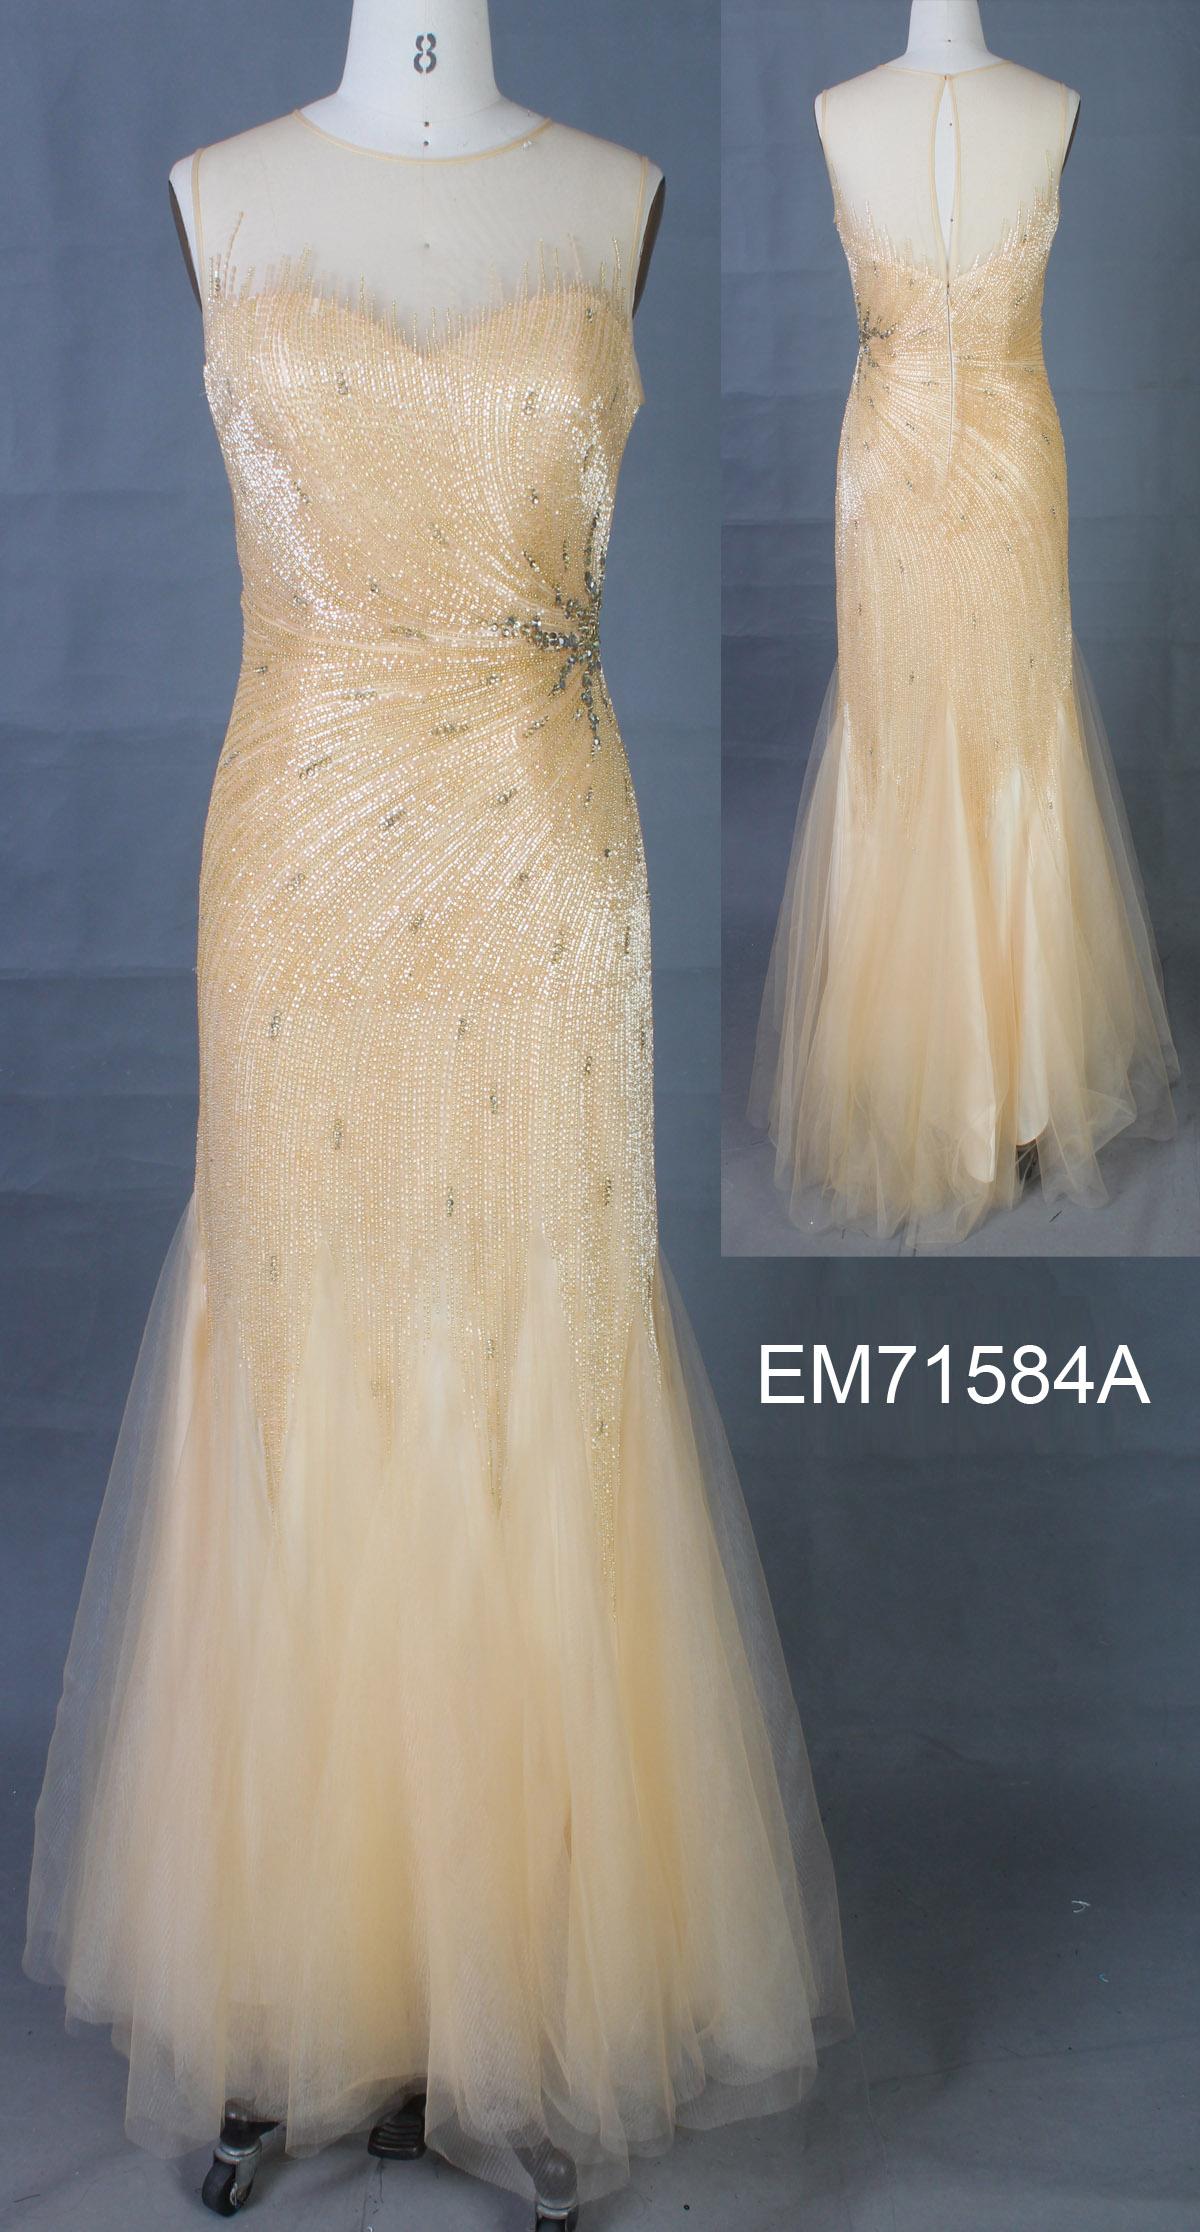 EM71584A- 2015018(FU)